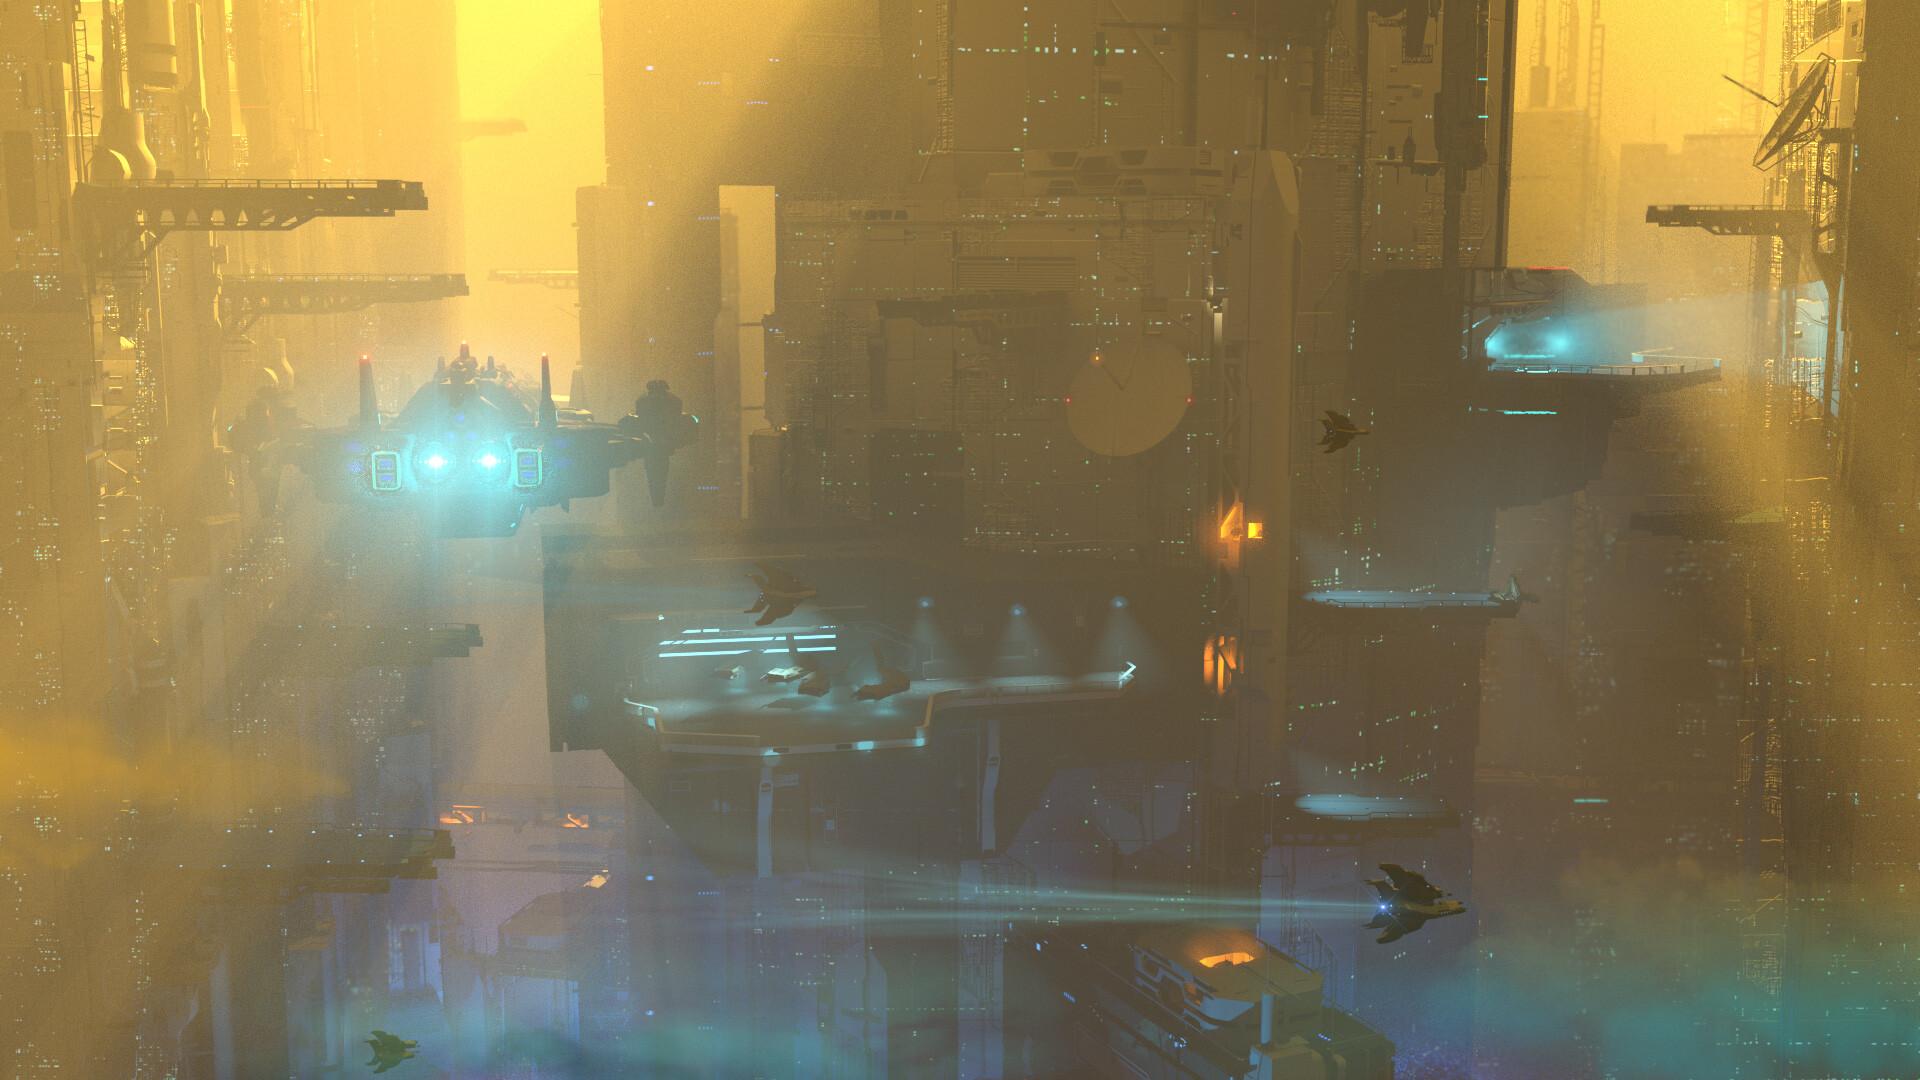 Babo studios scene demo 1 final